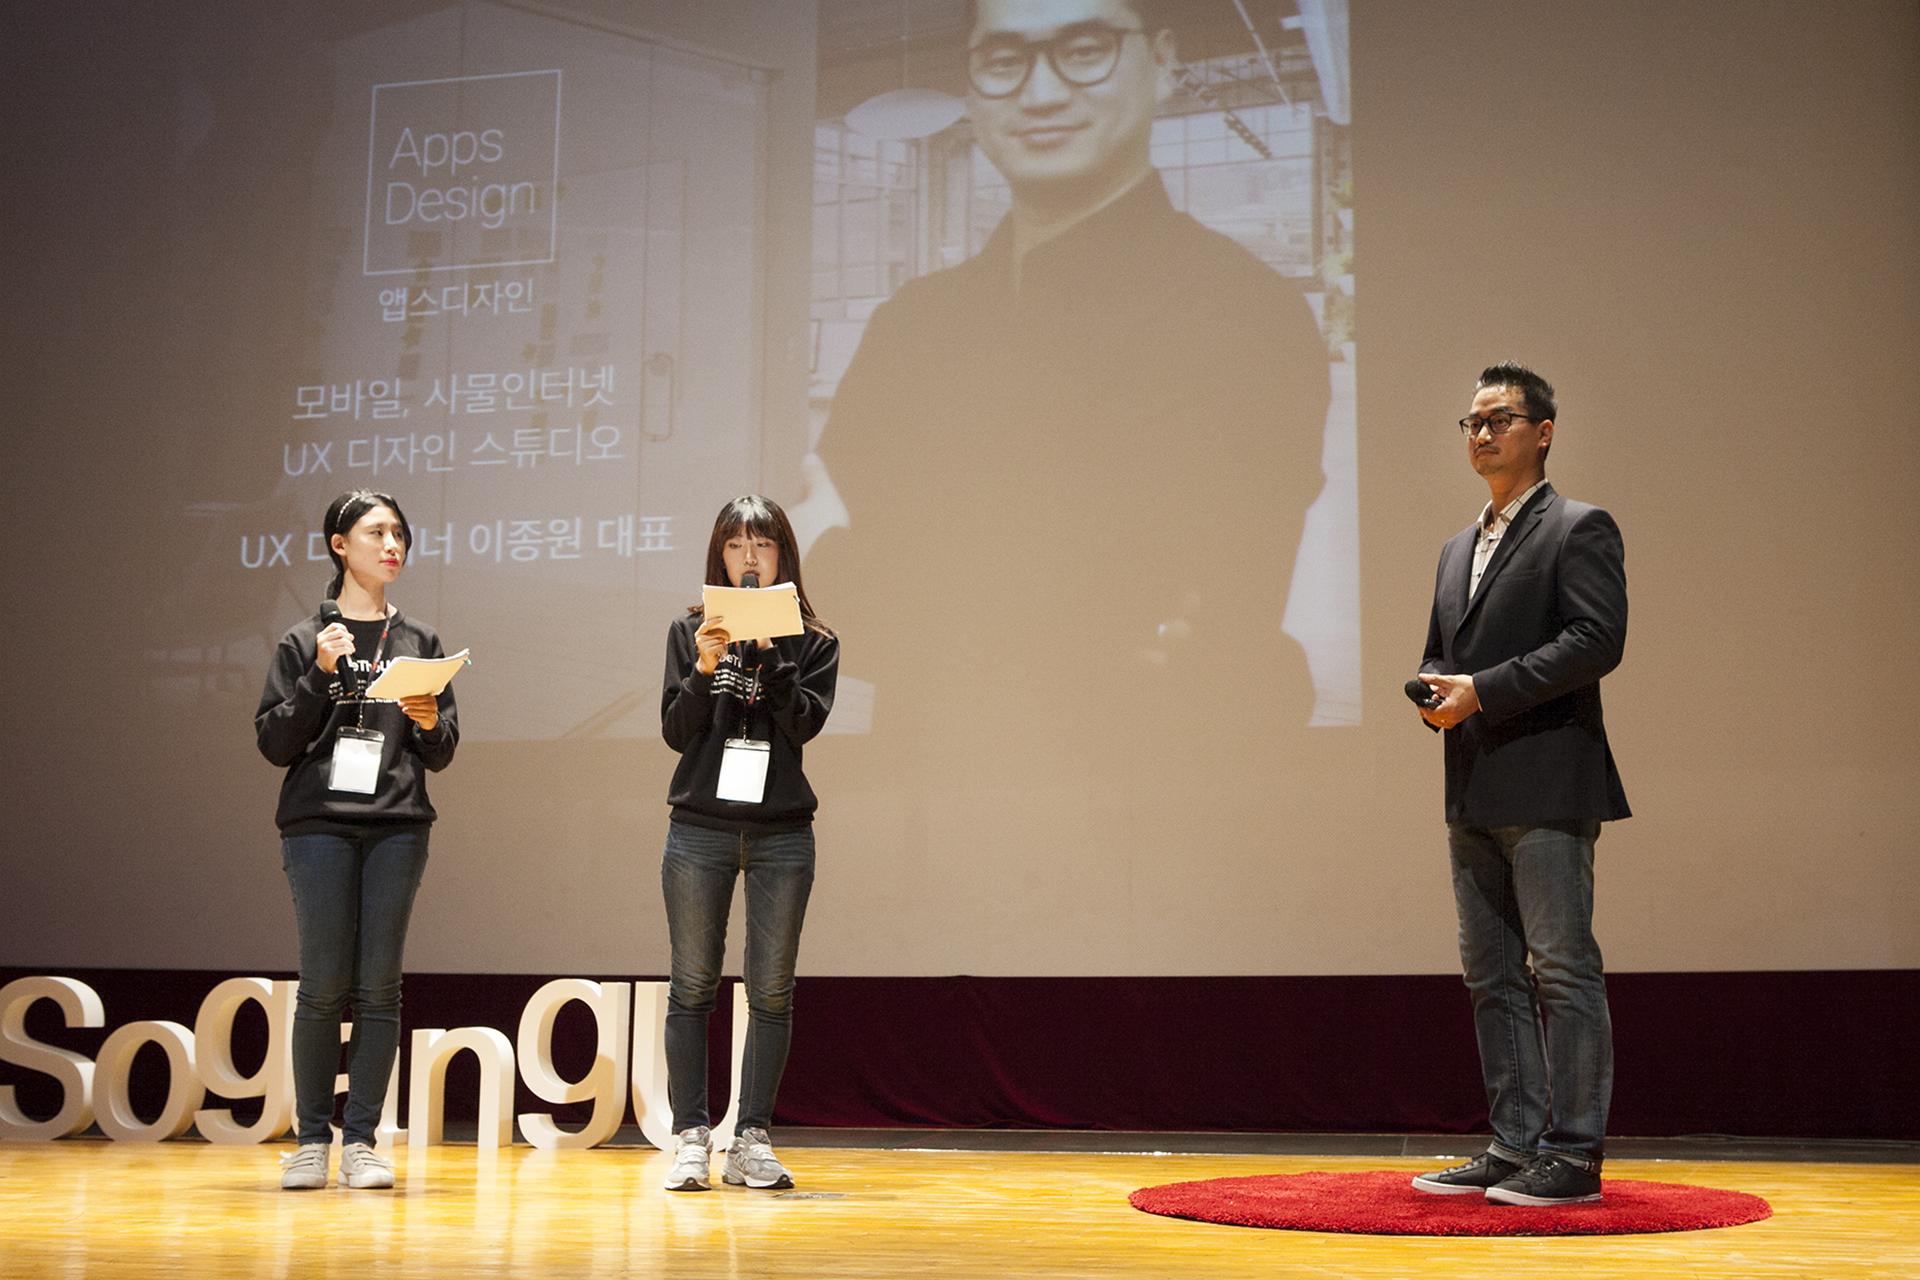 TEDx_AppsDesign_LJW_05.jpg